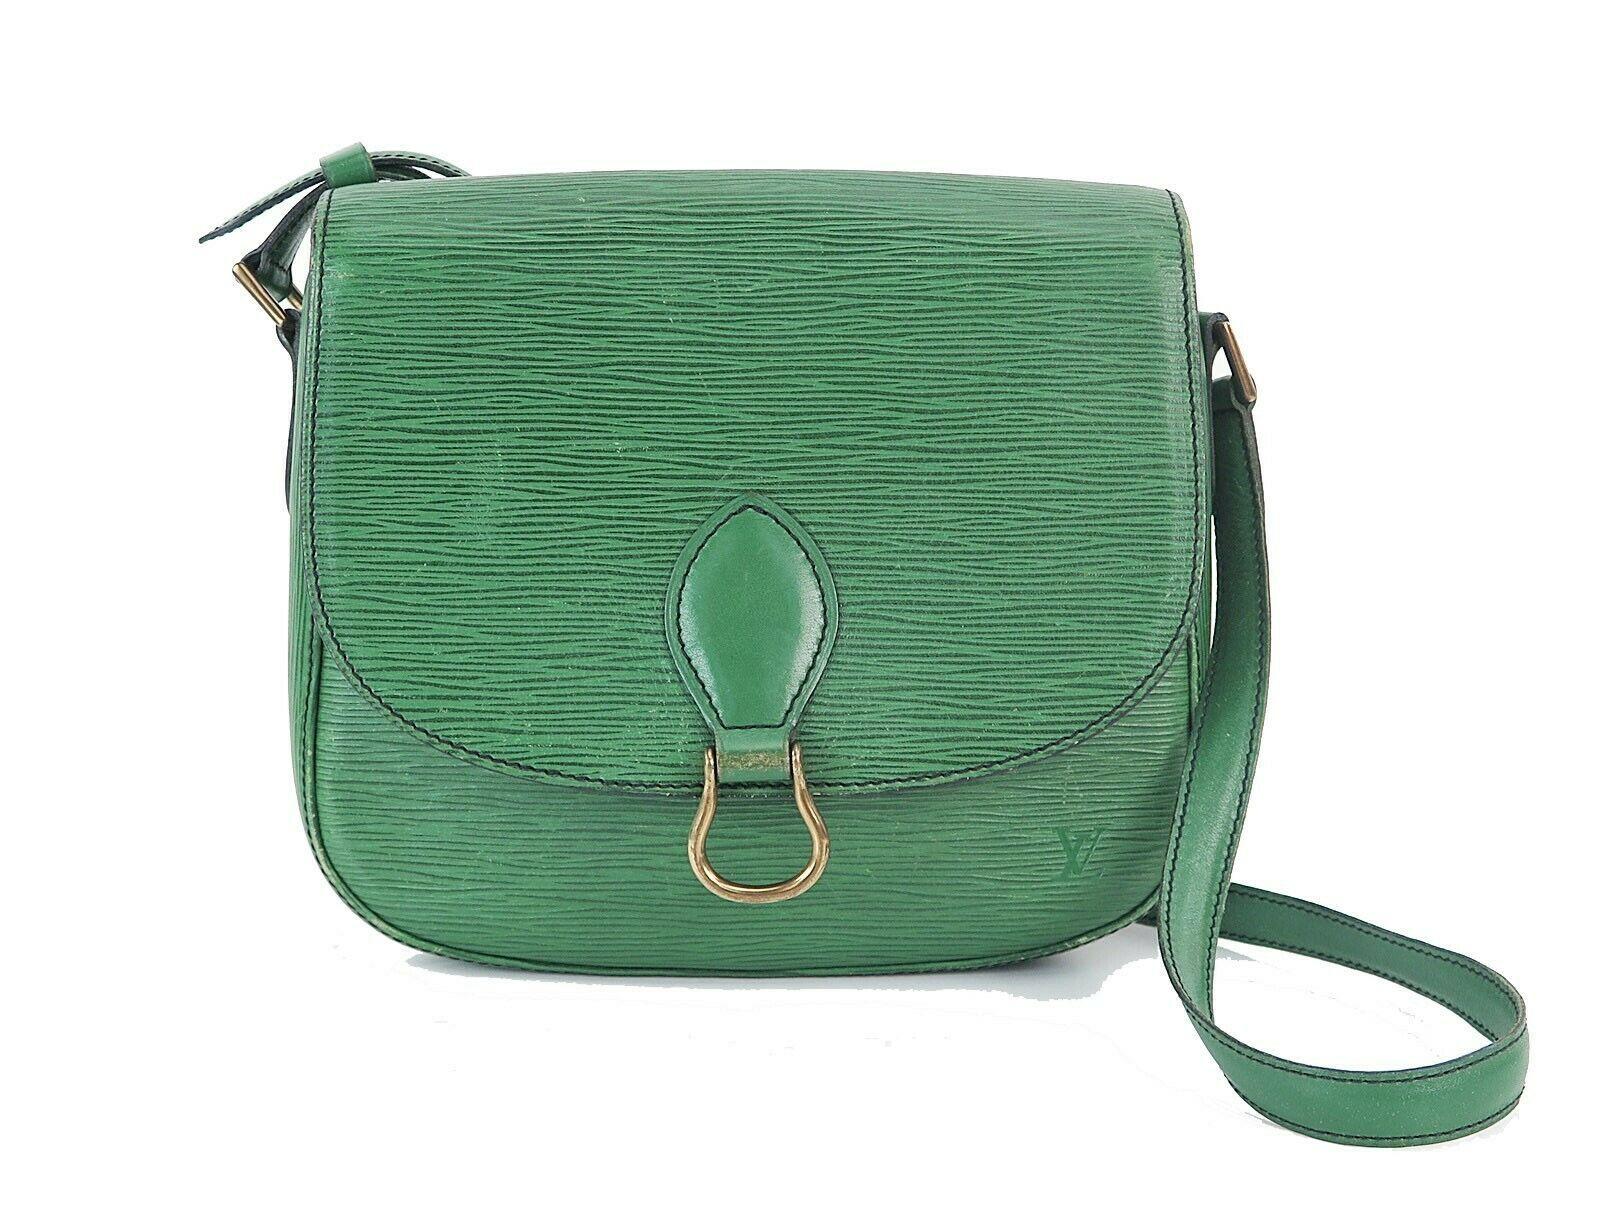 Auth Vintage LOUIS VUITTON Saint Cloud GM Green Epi Leather Shoulder Bag #28844